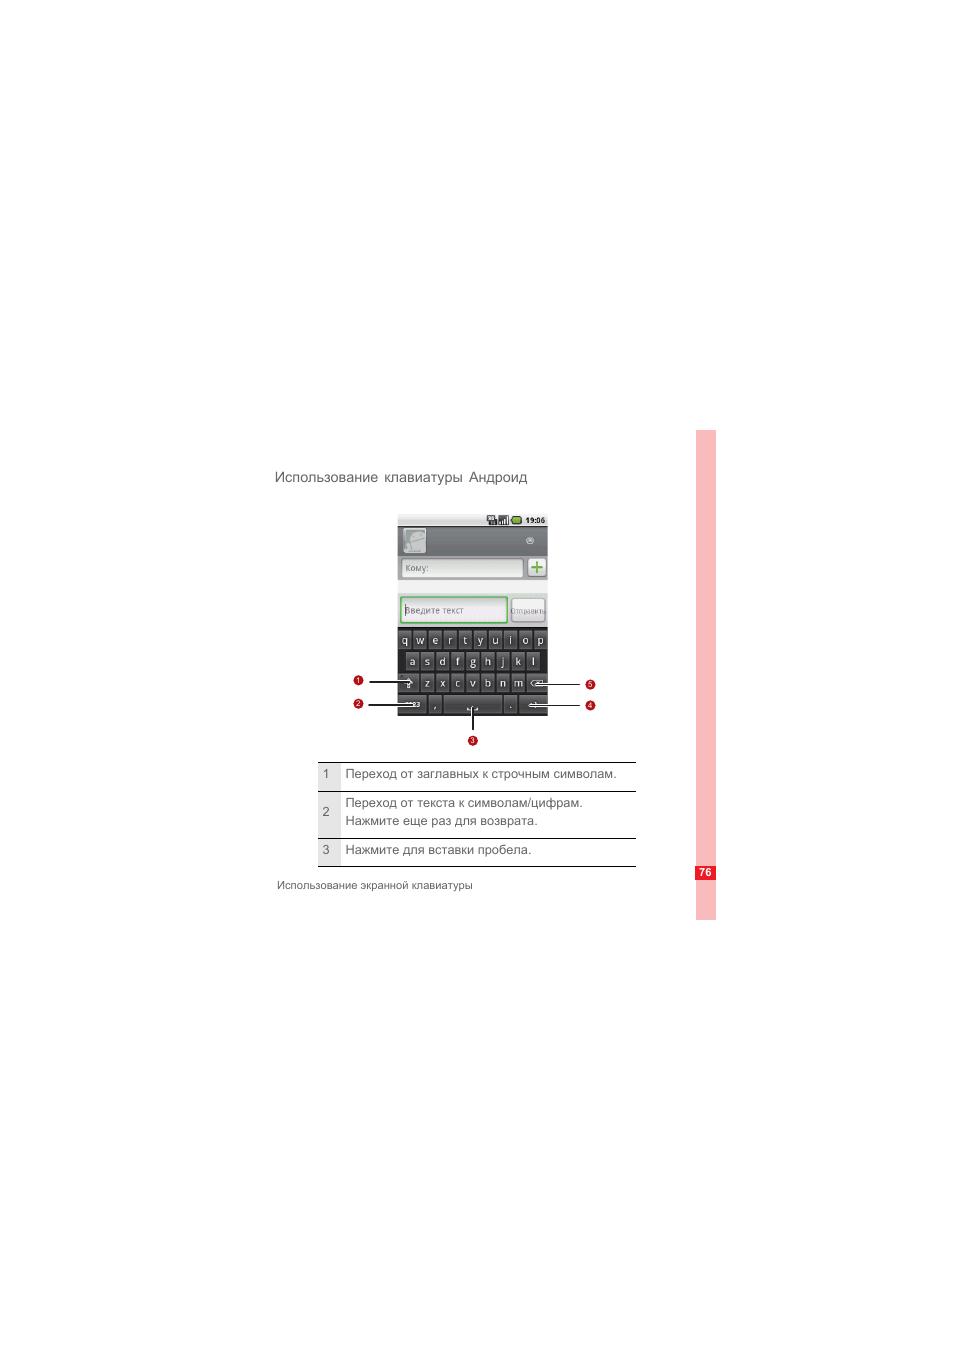 на huawei инструкция андроид